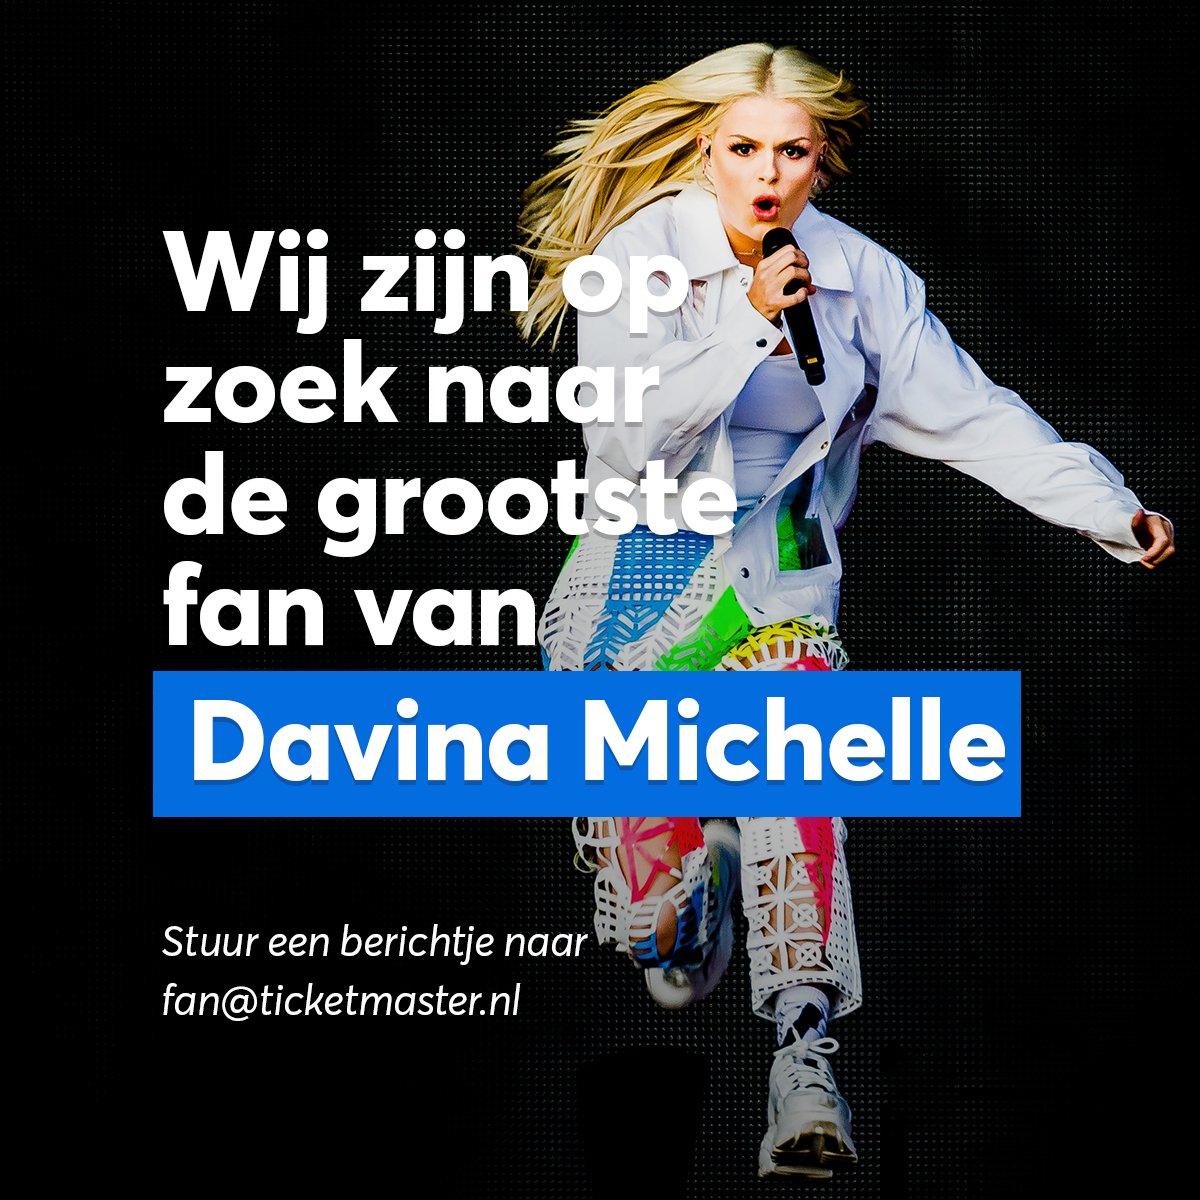 .@DavinaMichelle_ fans opgelet! Wij zijn op zoek naar haar grootste fan. Heb jij haar eerder dan P!nk ontdekt en ga je naar elk optreden? Dan zijn we op zoek naar jou voor een interview.  Mail ons dan op fan@ticketmaster.nl en wie weet nemen we binnenkort contact met je op.pic.twitter.com/XAG9eWkYvR